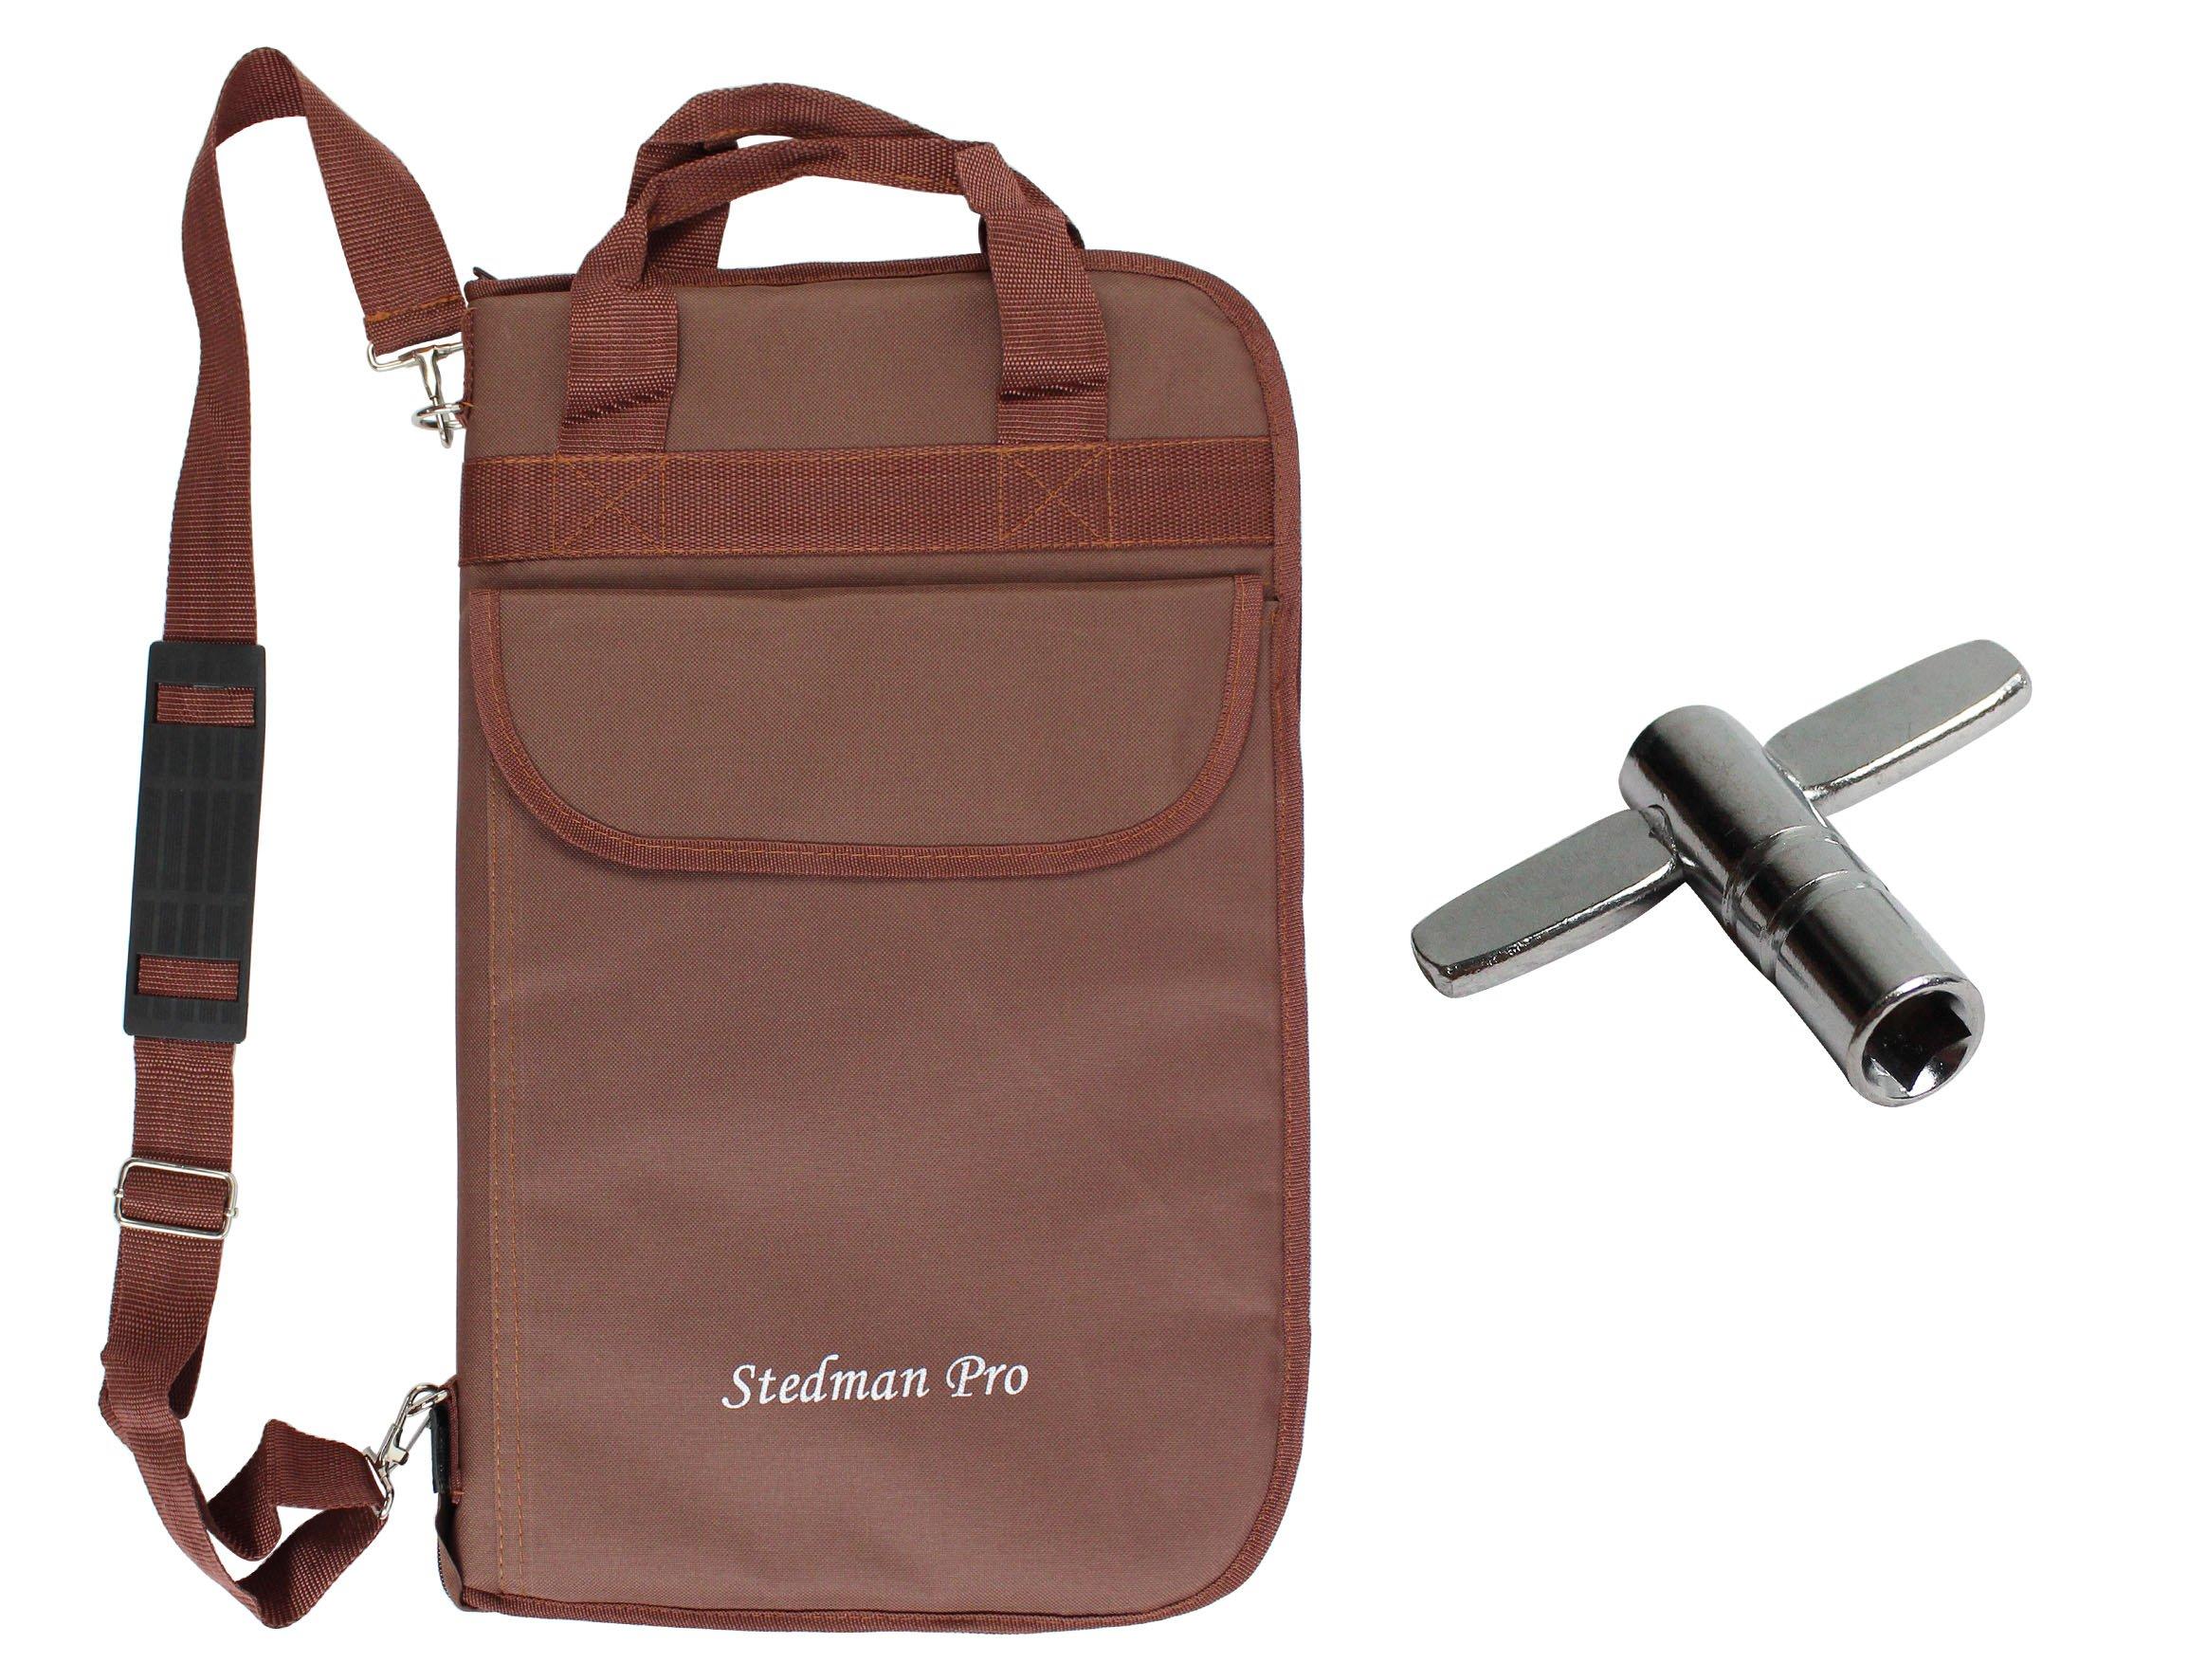 YMC DSB20-CF Pro 15mm Drumstick Bag Holder Mallet Bag with a shoulder strap,Drum Key - Coffee